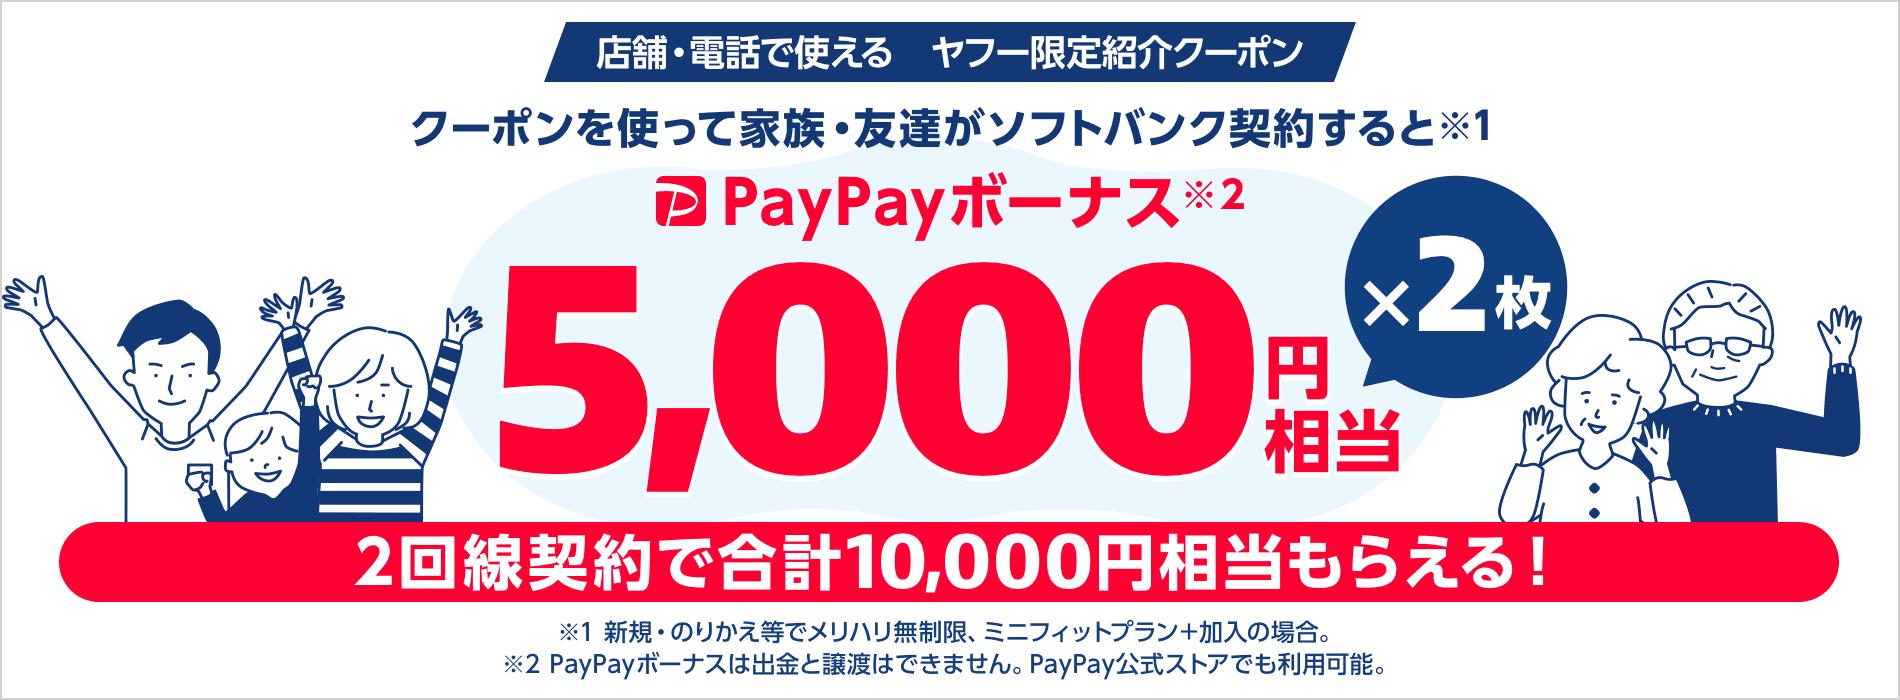 店舗・電話で使えるヤフー限定紹介クーポン クーポンを使って家族・友達がソフトバンク契約すると(※1)PayPayボーナス(※2)5,000円相当×2枚 2回線契約で合計10,000円相当もらえる! ※1 新規・のりかえ等でメリハリ無制限、ミニフィットプラン+加入の場合。※2 PayPayボーナスは出金と譲渡はできません。PayPay公式ストアでも利用可能。